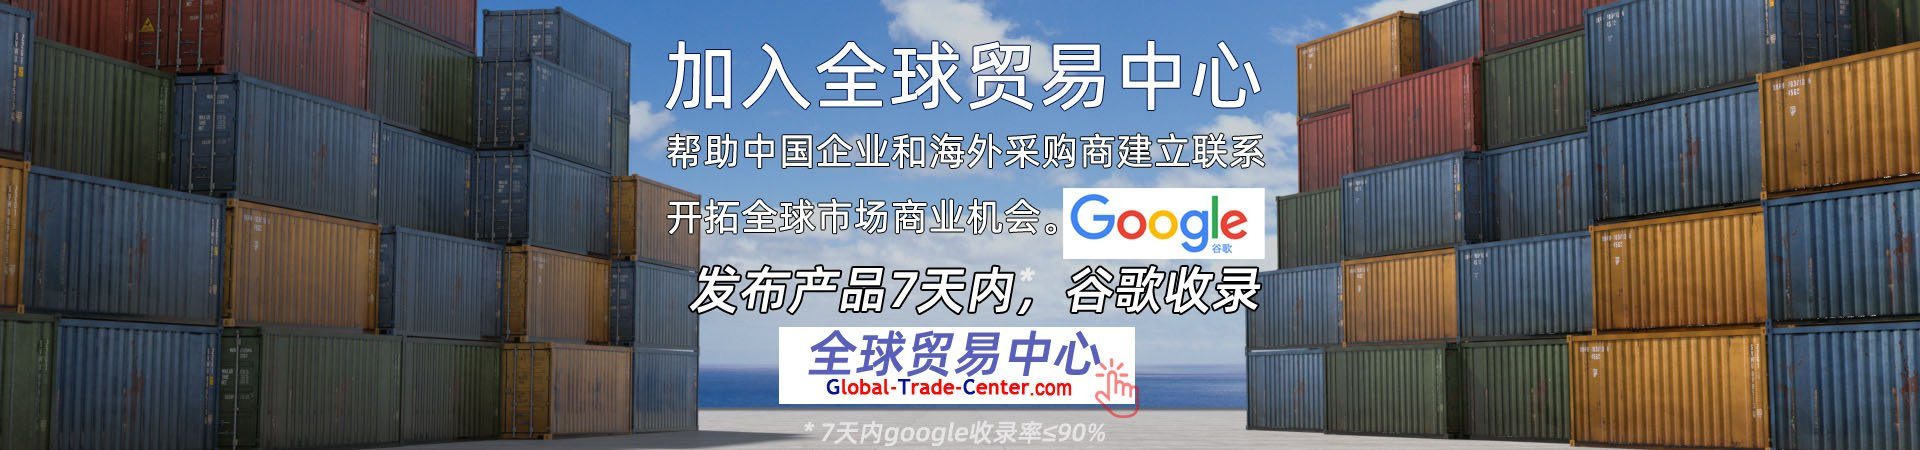 全球贸易中心